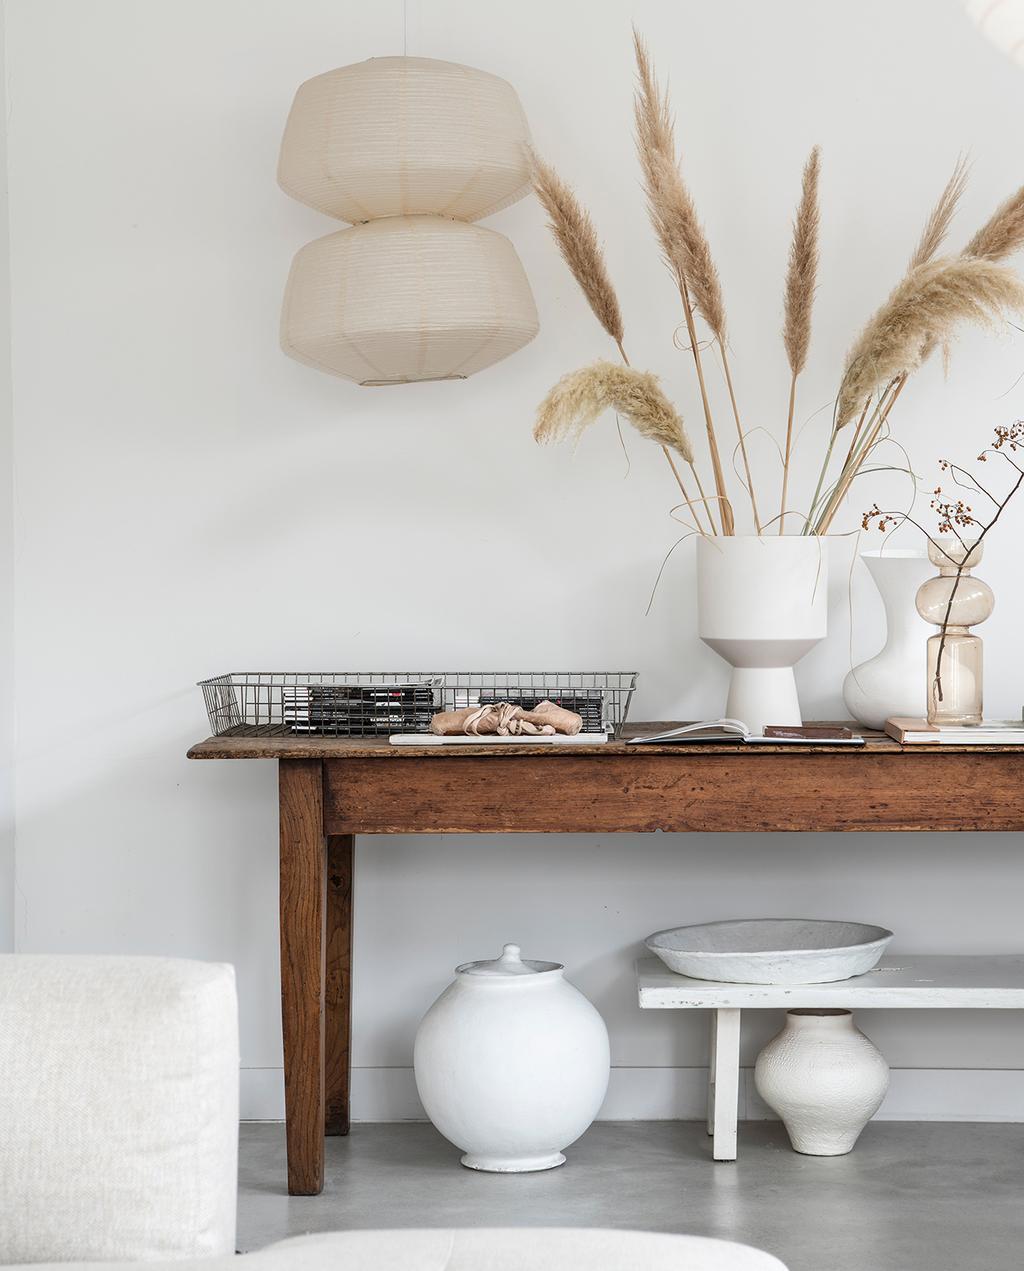 vtwonen 04-2021 | tafel met witte vaas en droogbloemen